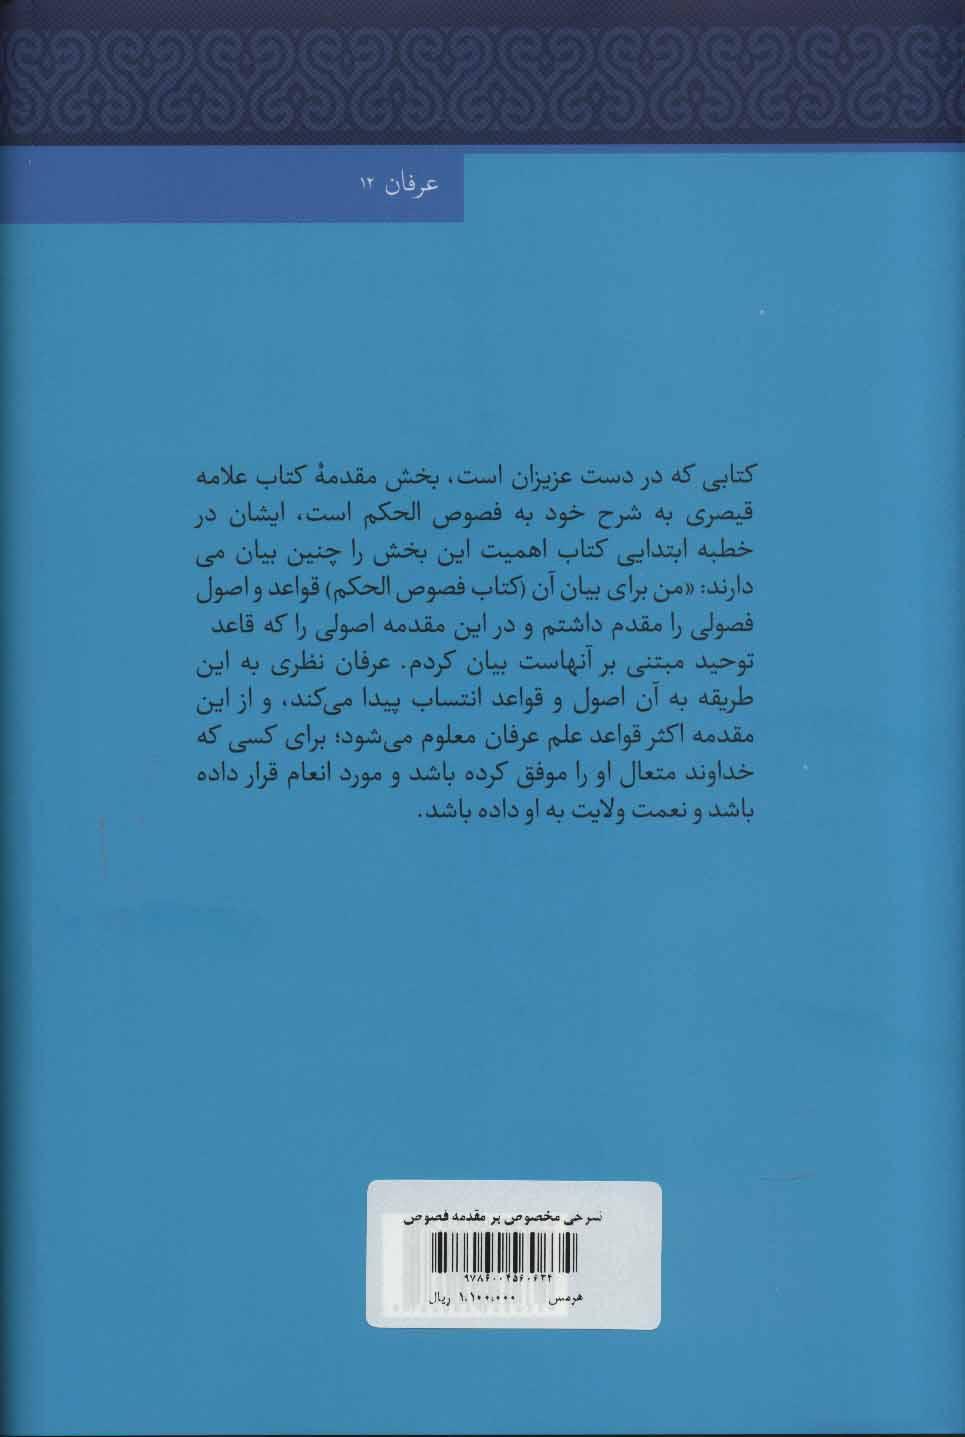 فصوص الحکم (شرحی مخصوص بر مقدمه فصوص)،(عرفان12)